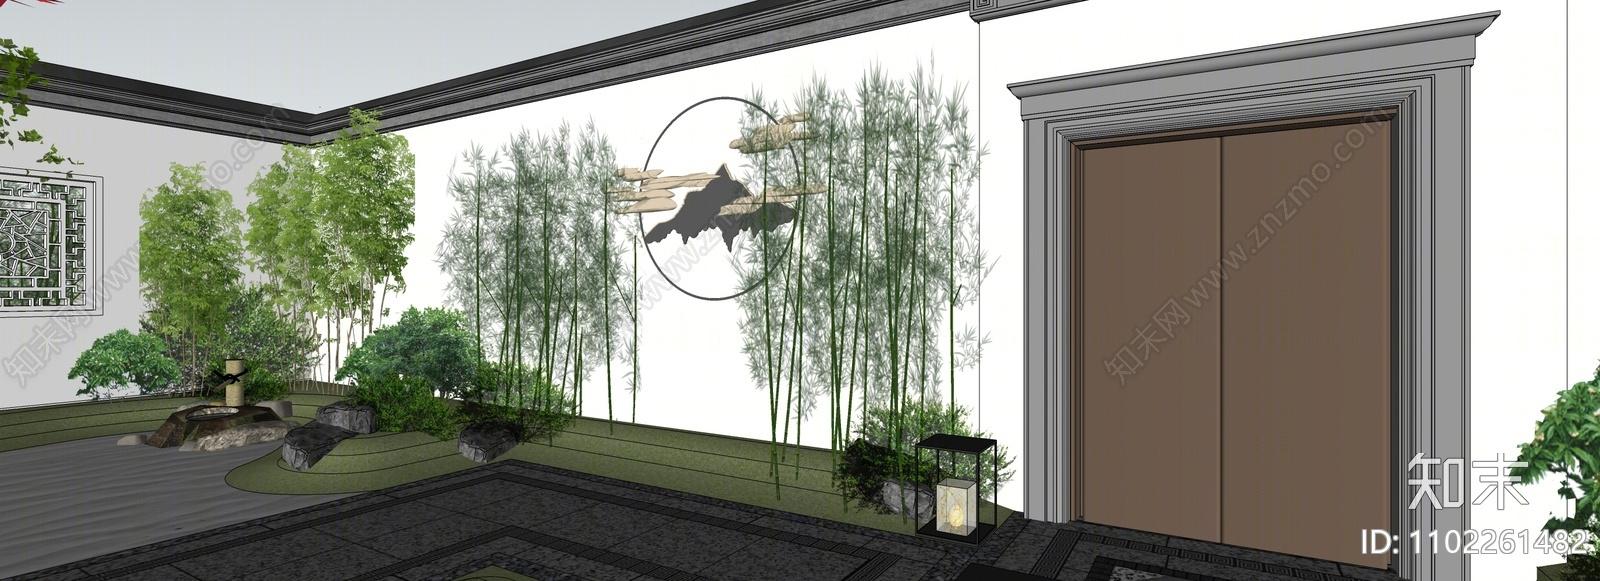 日式庭院花园SU模型下载【ID:1102261482】